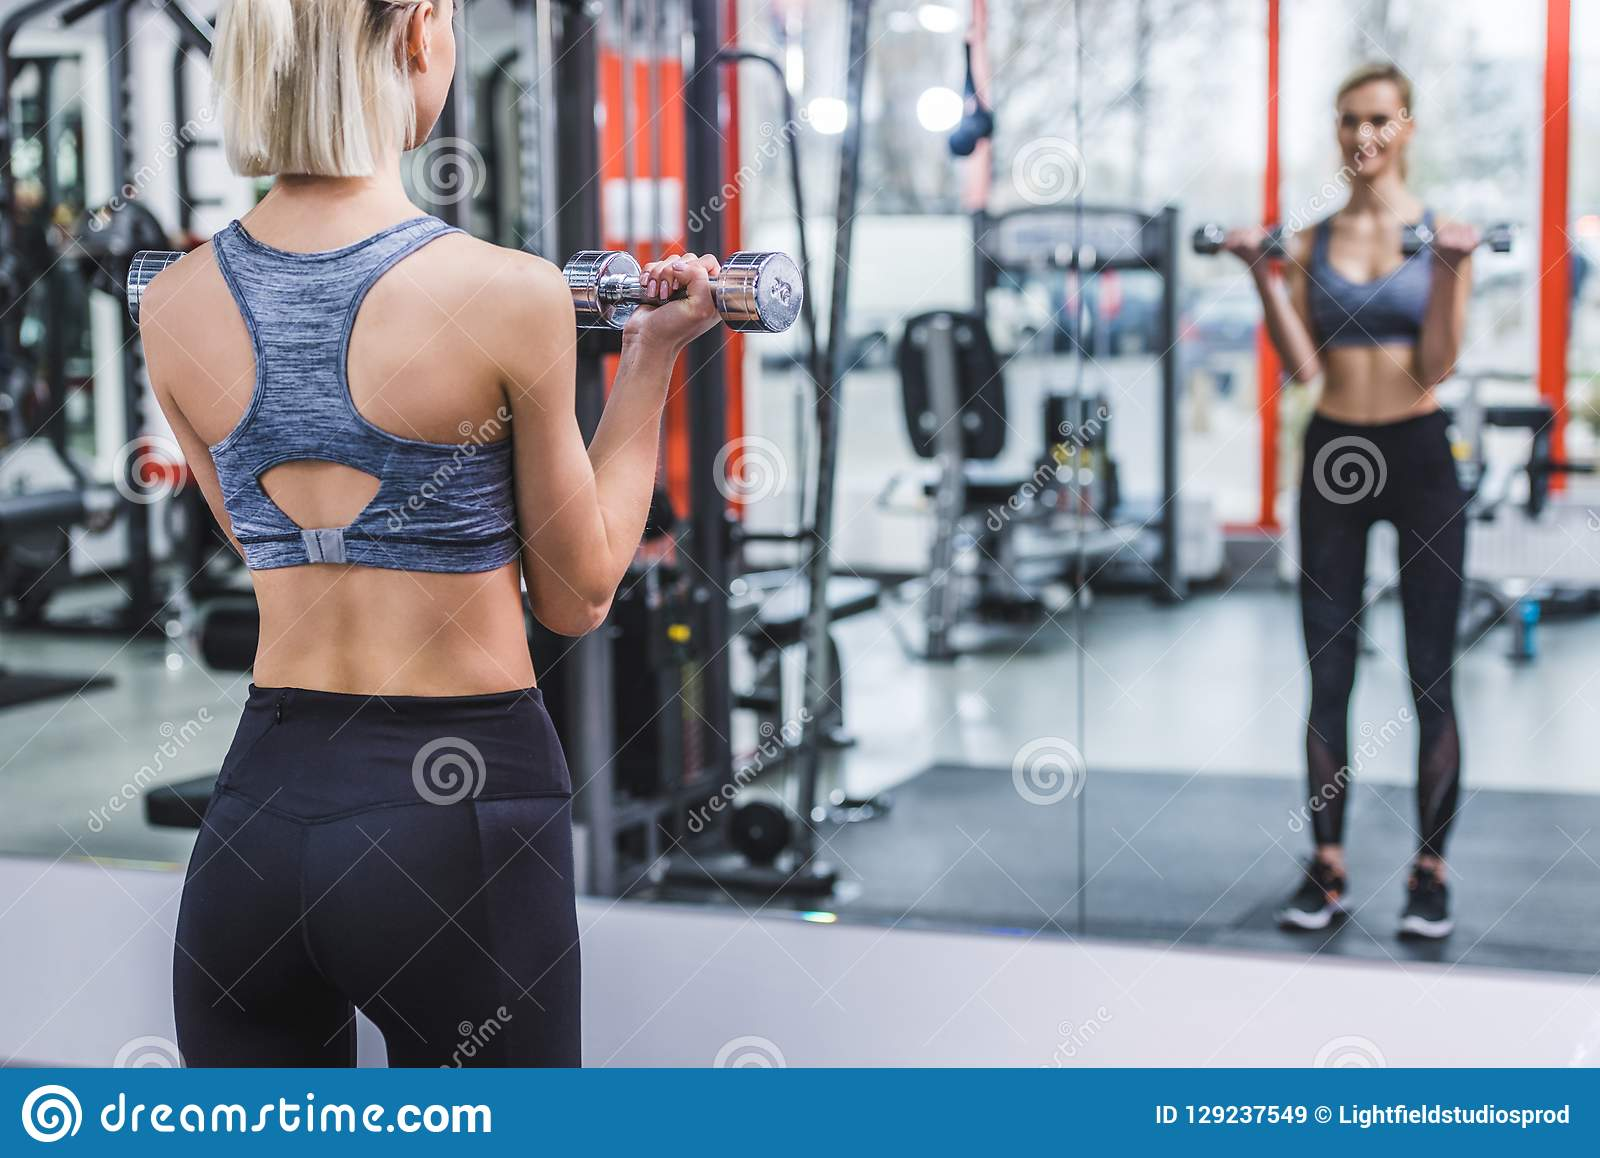 атлетическая молодая женщина разрабатывая с гантелями перед зеркалом